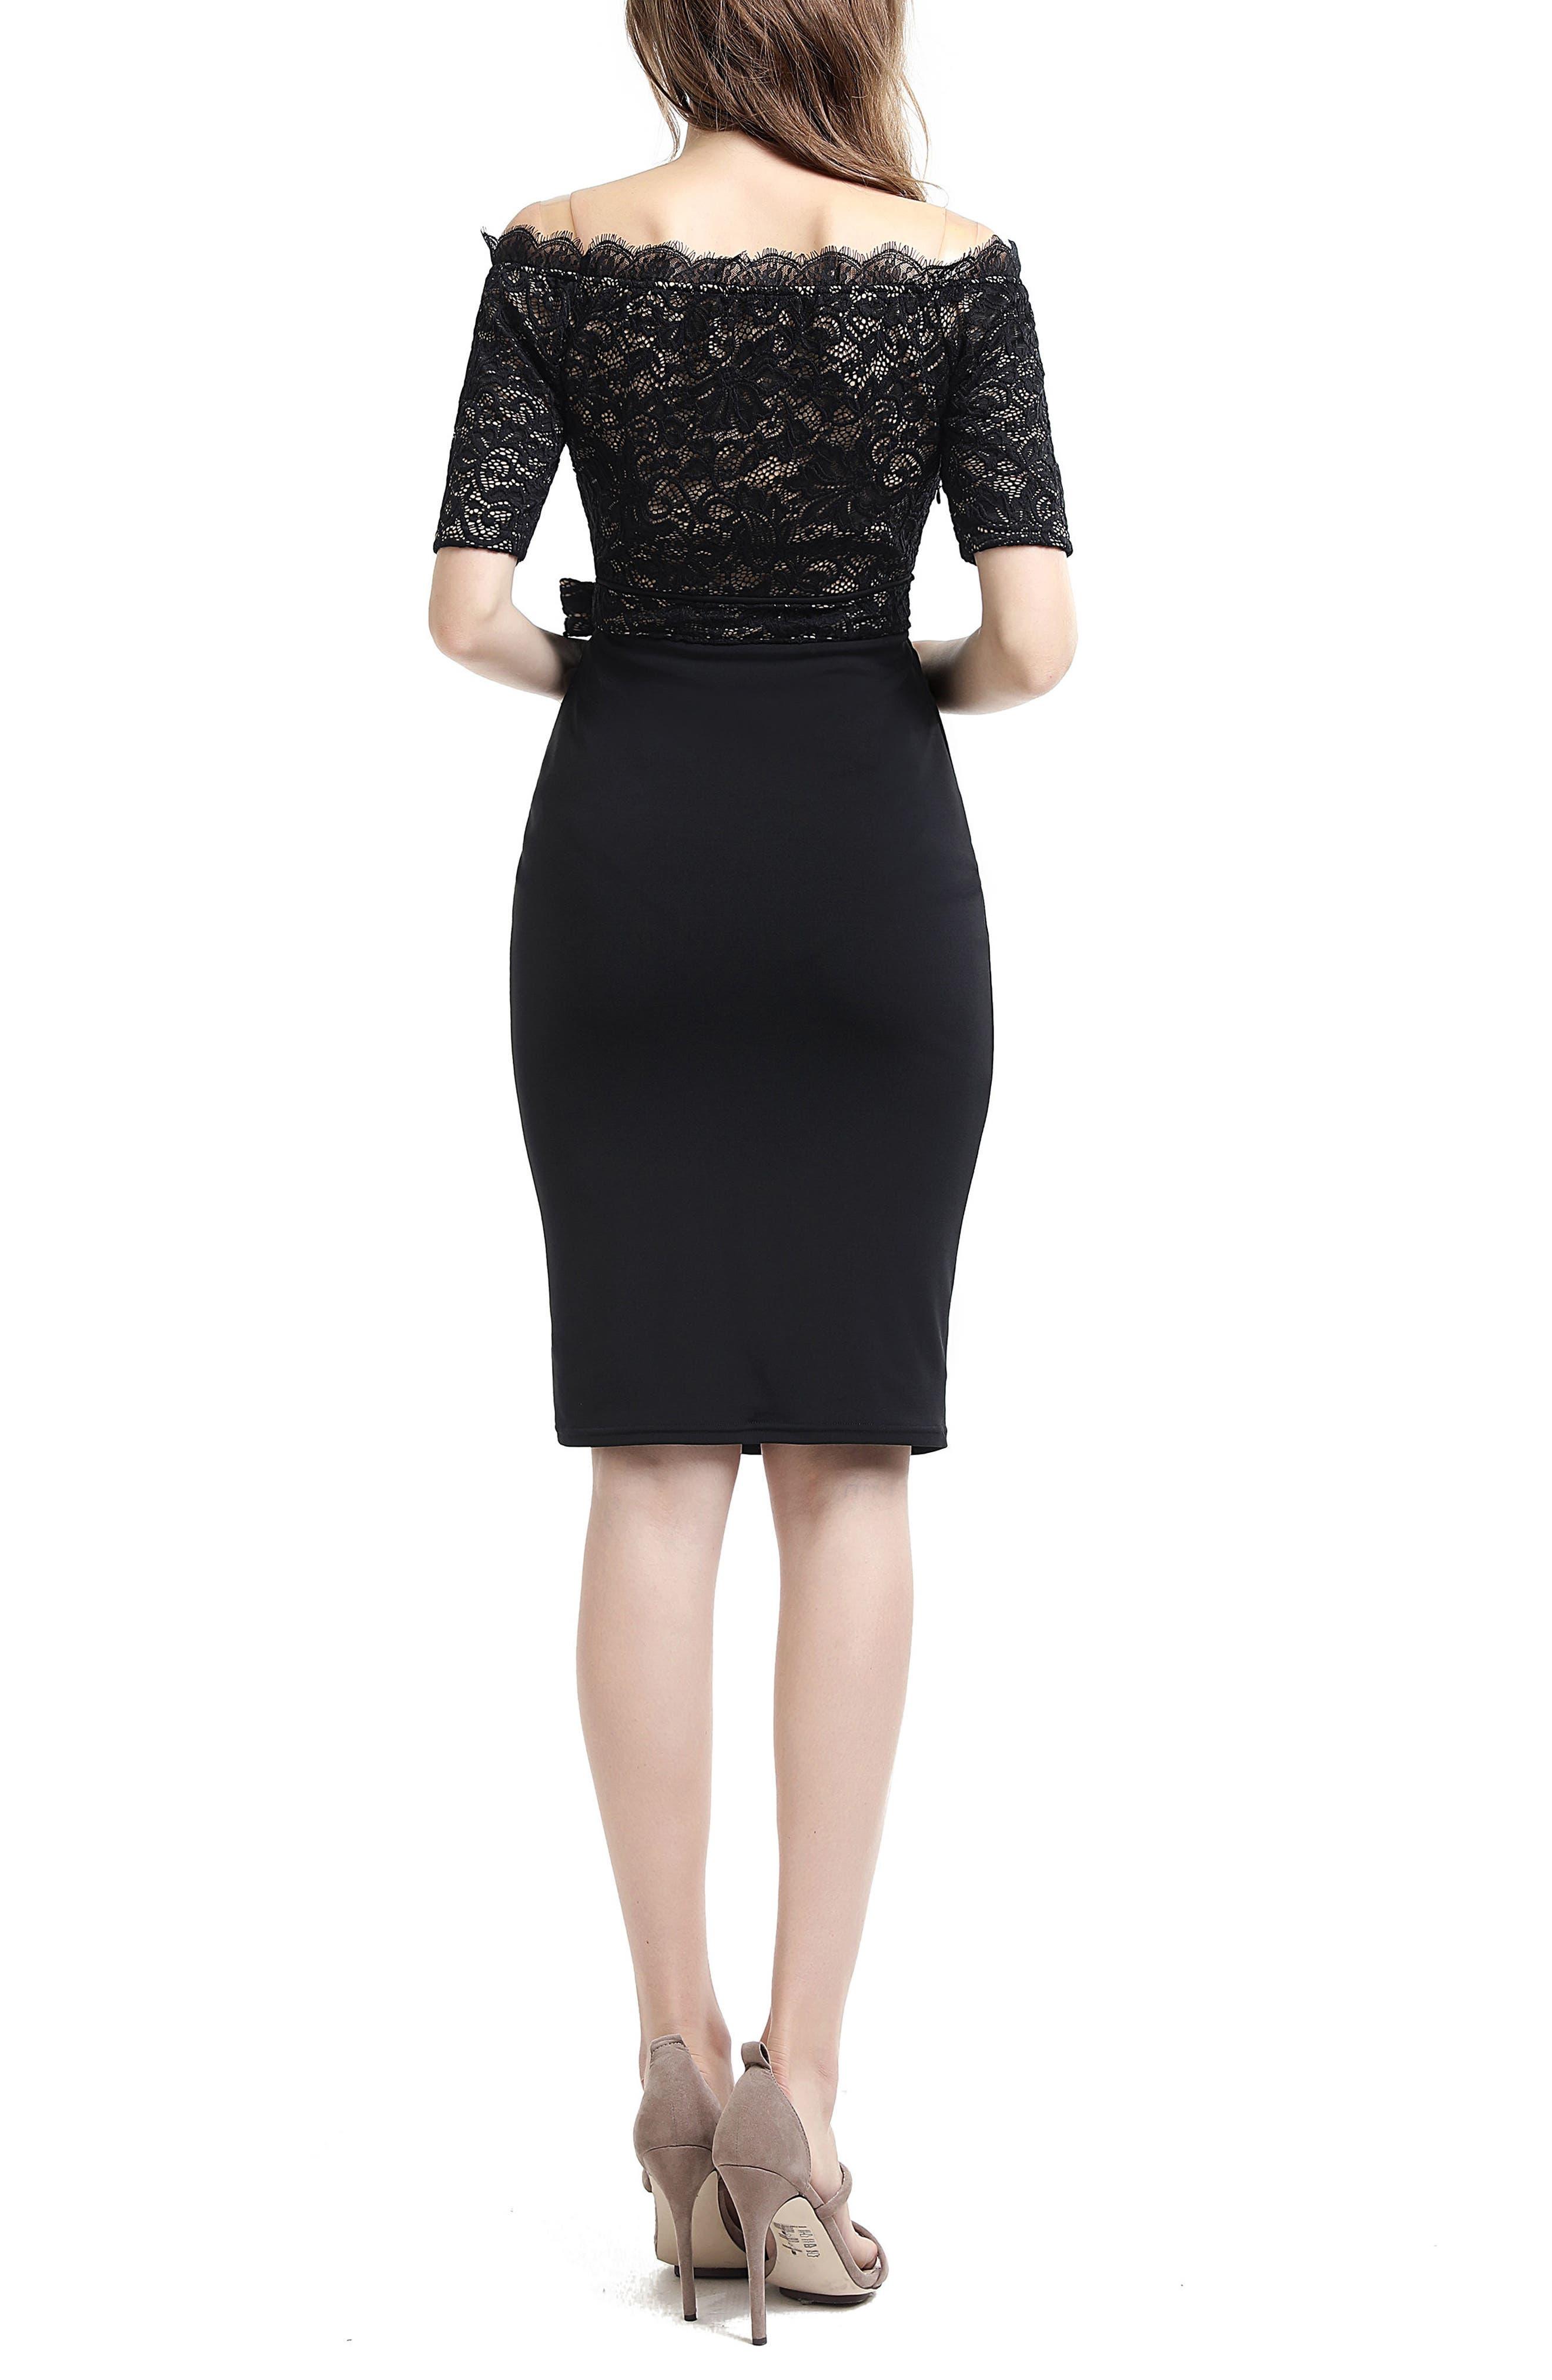 Madeline Off the Shoulder Maternity Dress,                             Alternate thumbnail 2, color,                             Black